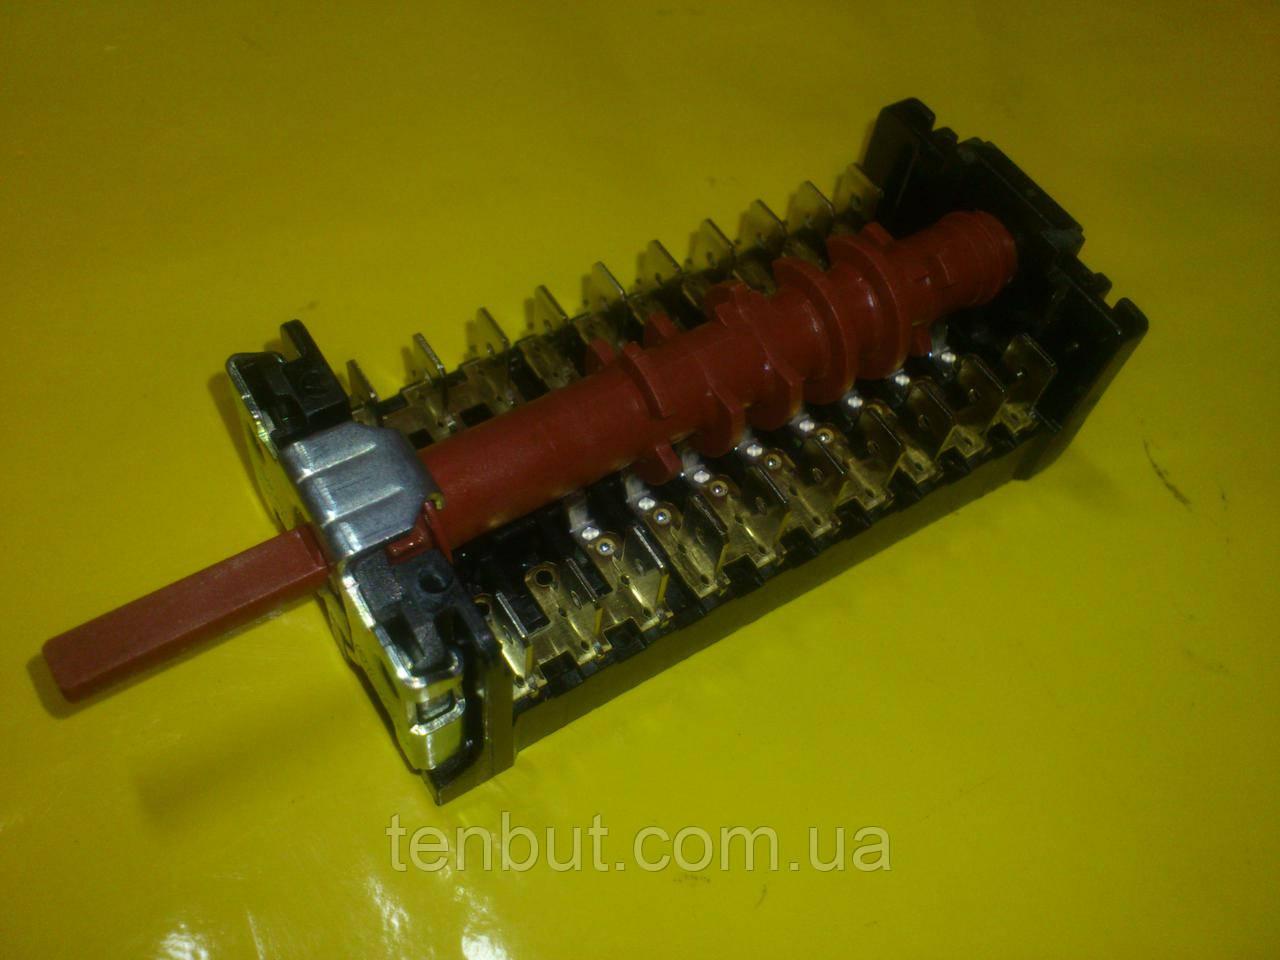 Переключатель 800804к для электроплит Ардо Беко Ханса 10-ти позиционный производство Испания Barcelona